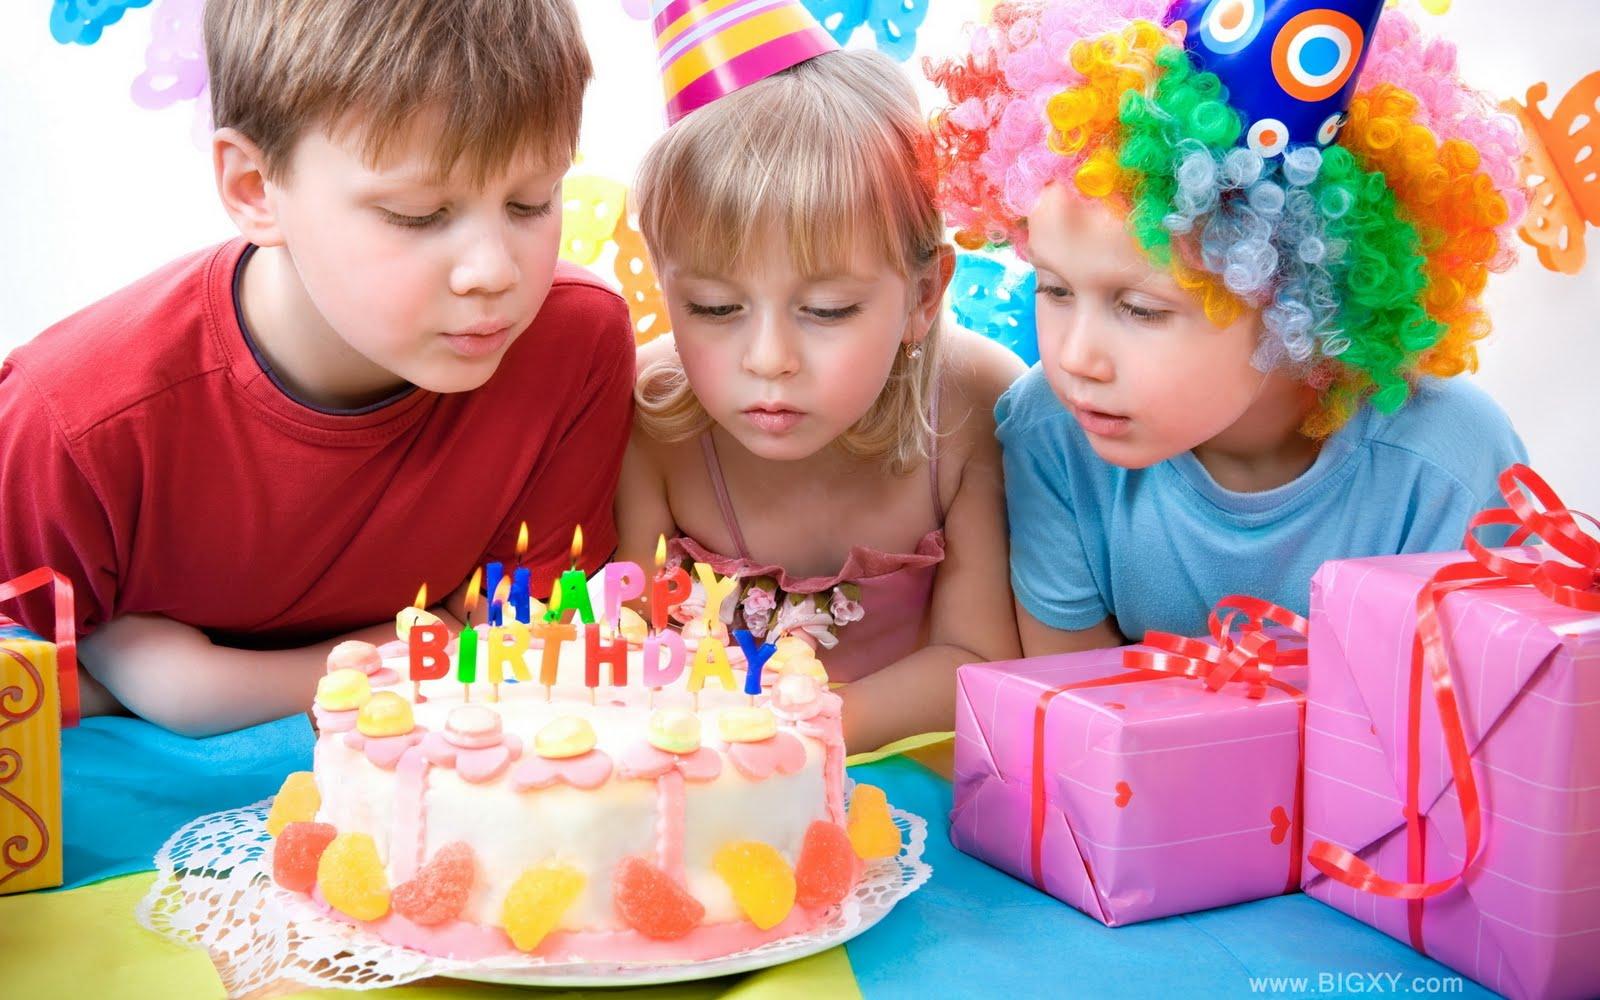 http://2.bp.blogspot.com/-nsywJcwijsE/To-ekXQDIII/AAAAAAAAmVY/CWv7qV2mmOE/s1600/feliz-cumplea%25C3%25B1os-happy-birthday-party-1920x1200.jpg